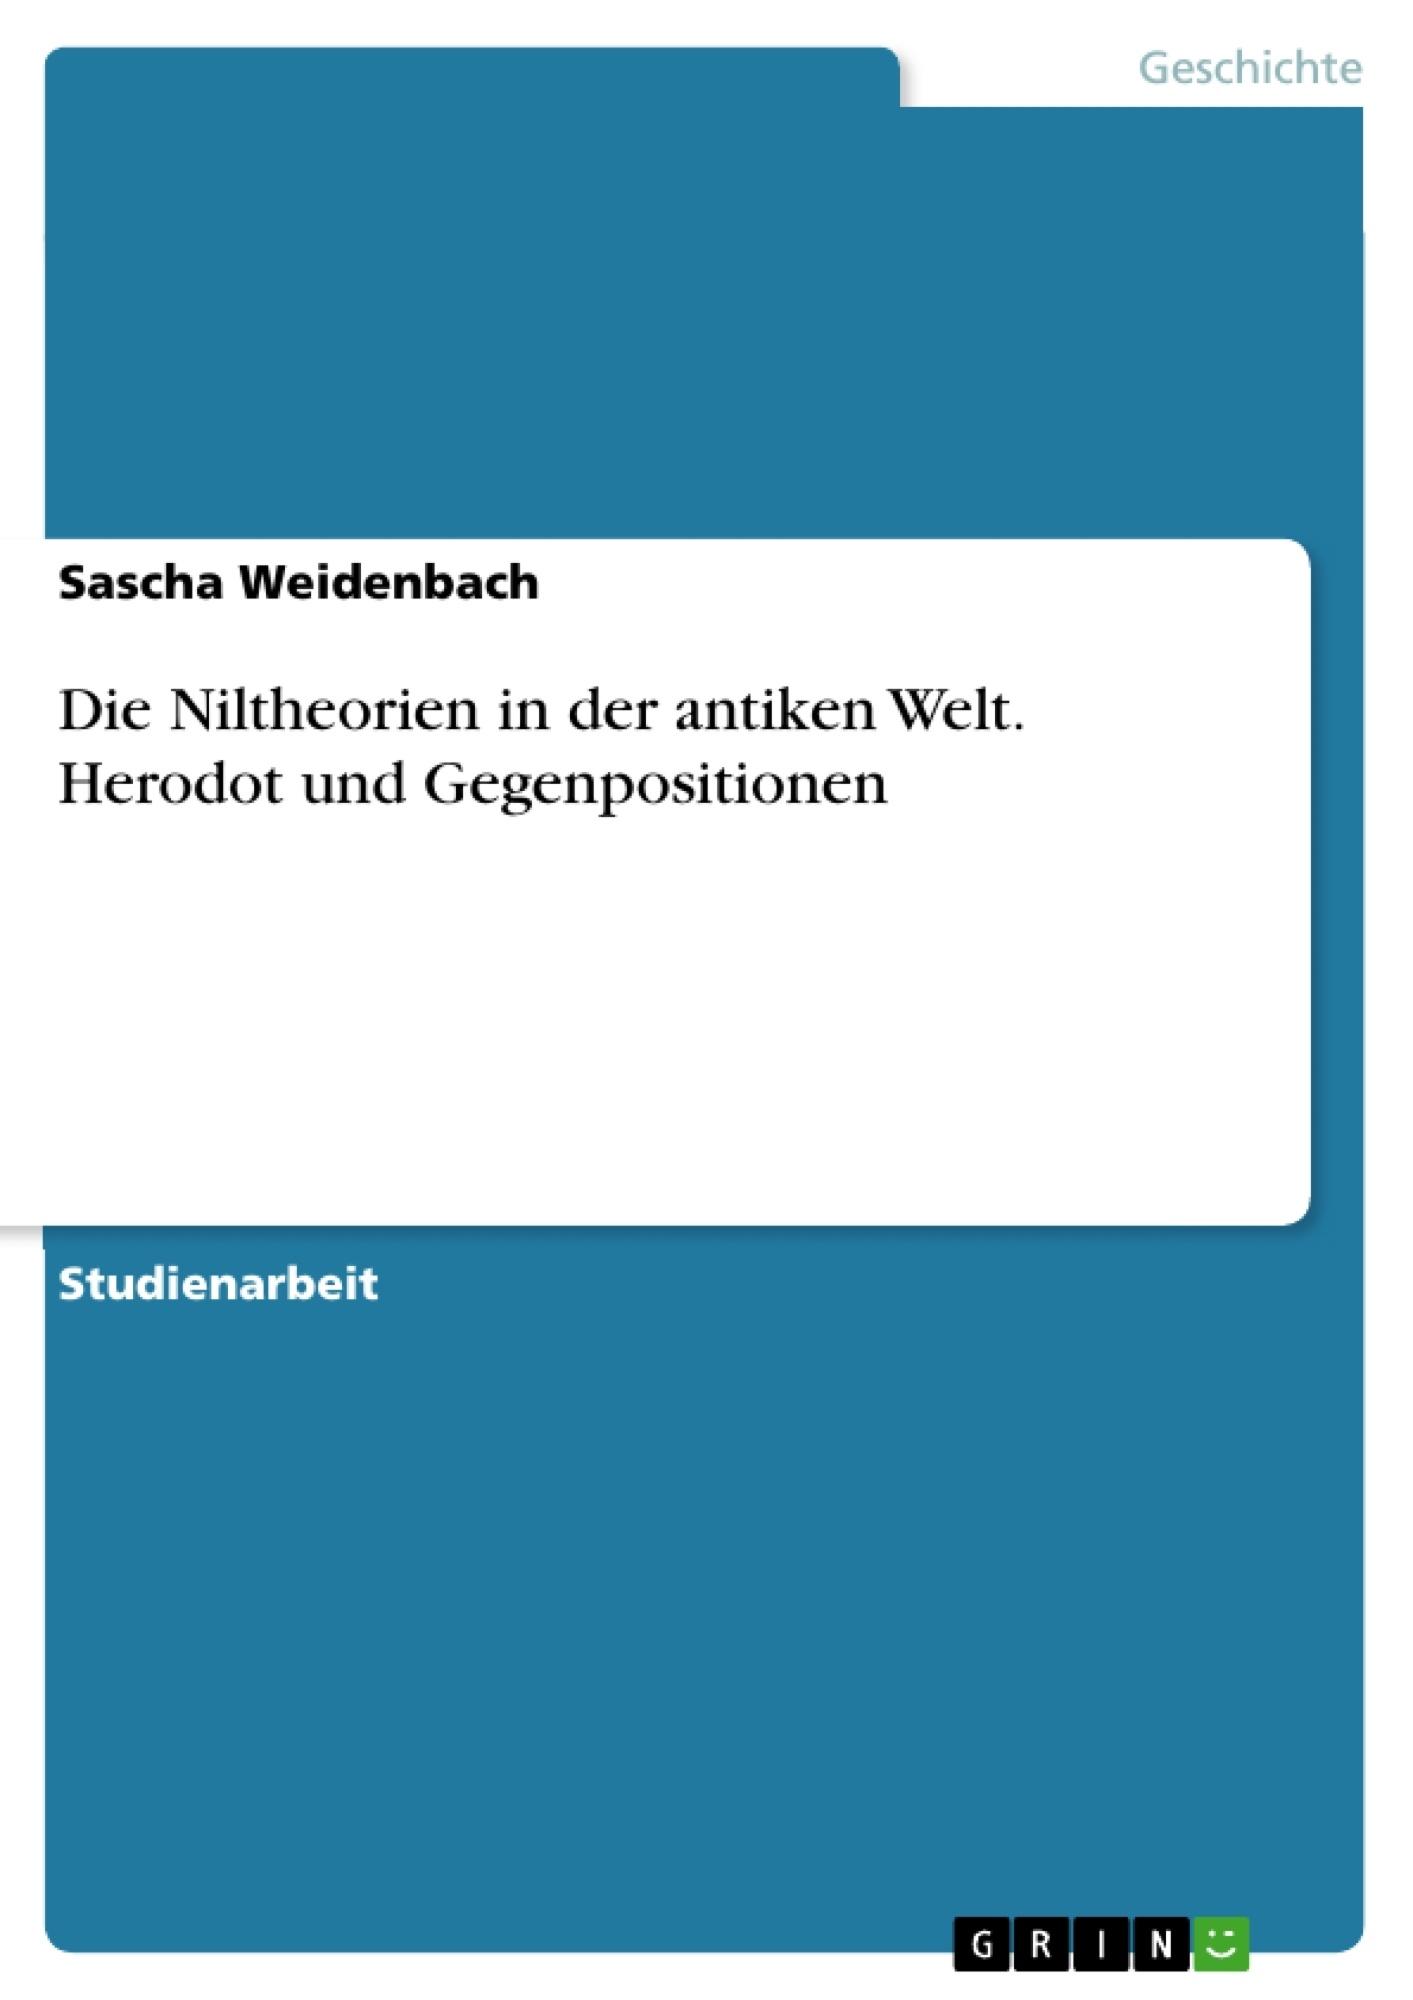 Titel: Die Niltheorien in der antiken Welt. Herodot und Gegenpositionen